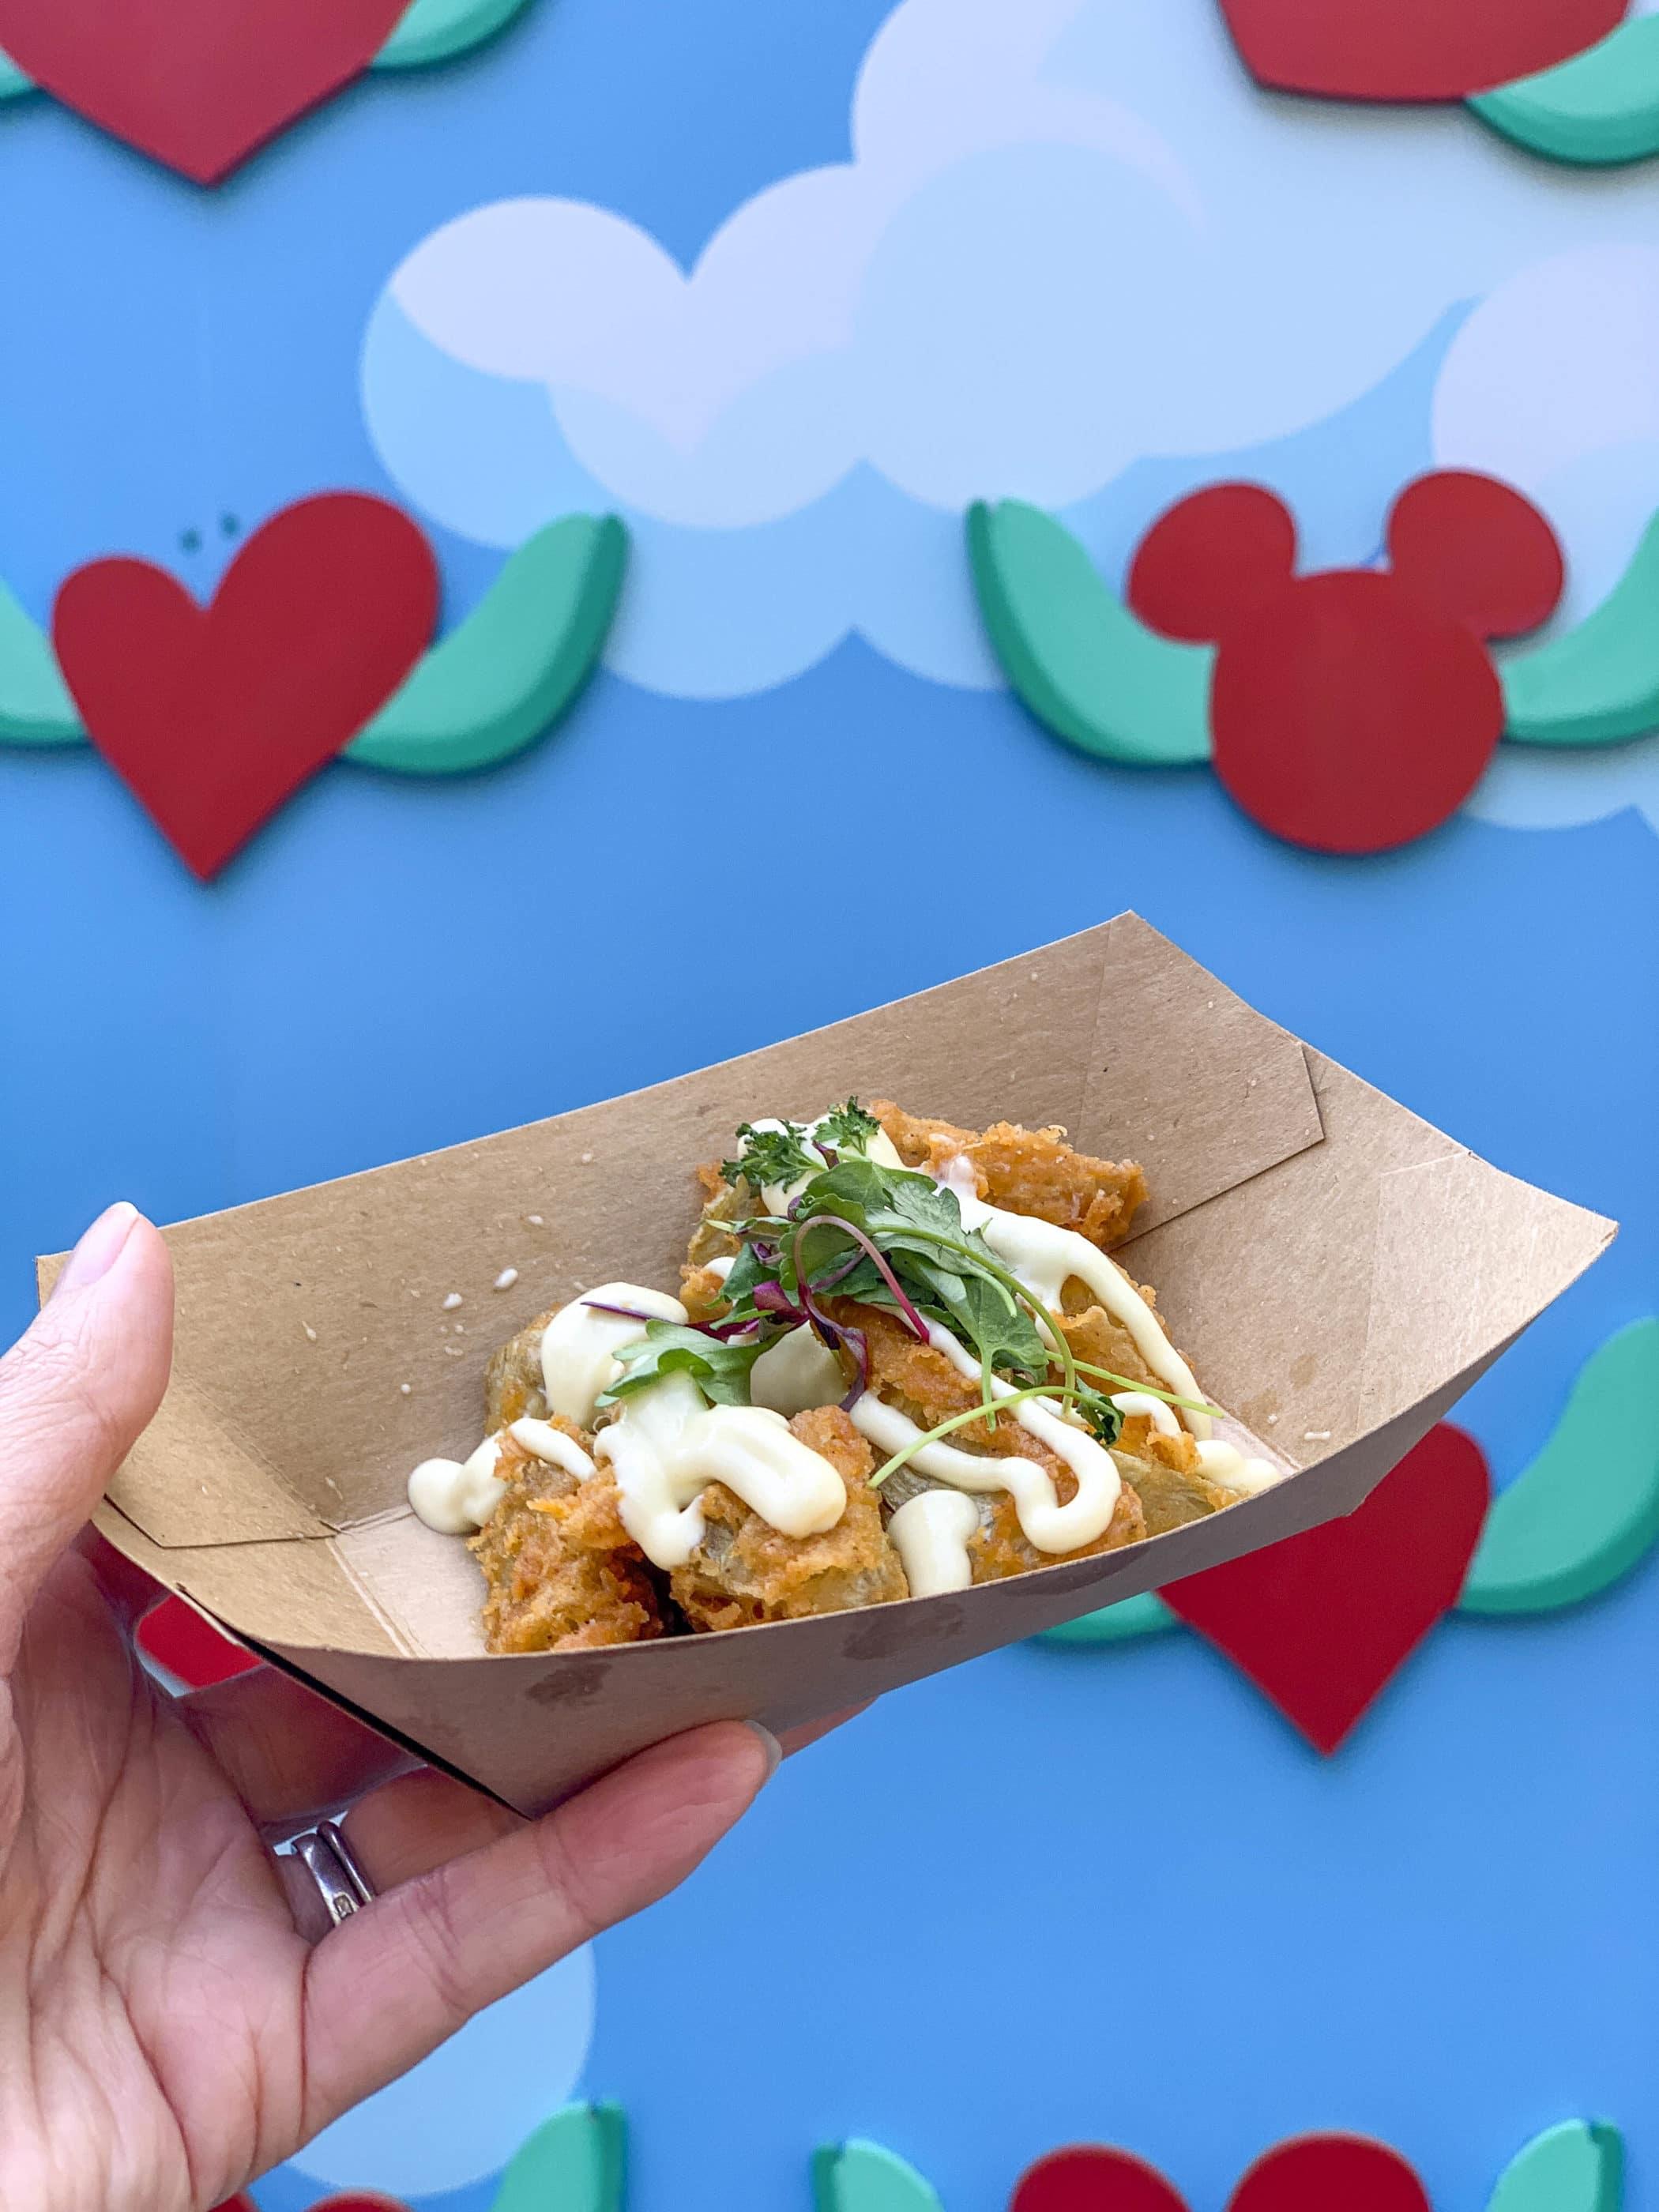 Un bac à papier avec les coeurs d'artichauts frits avec de l'aïoli au citron devant la murale du marché avec des coeurs et un Mickey caché.